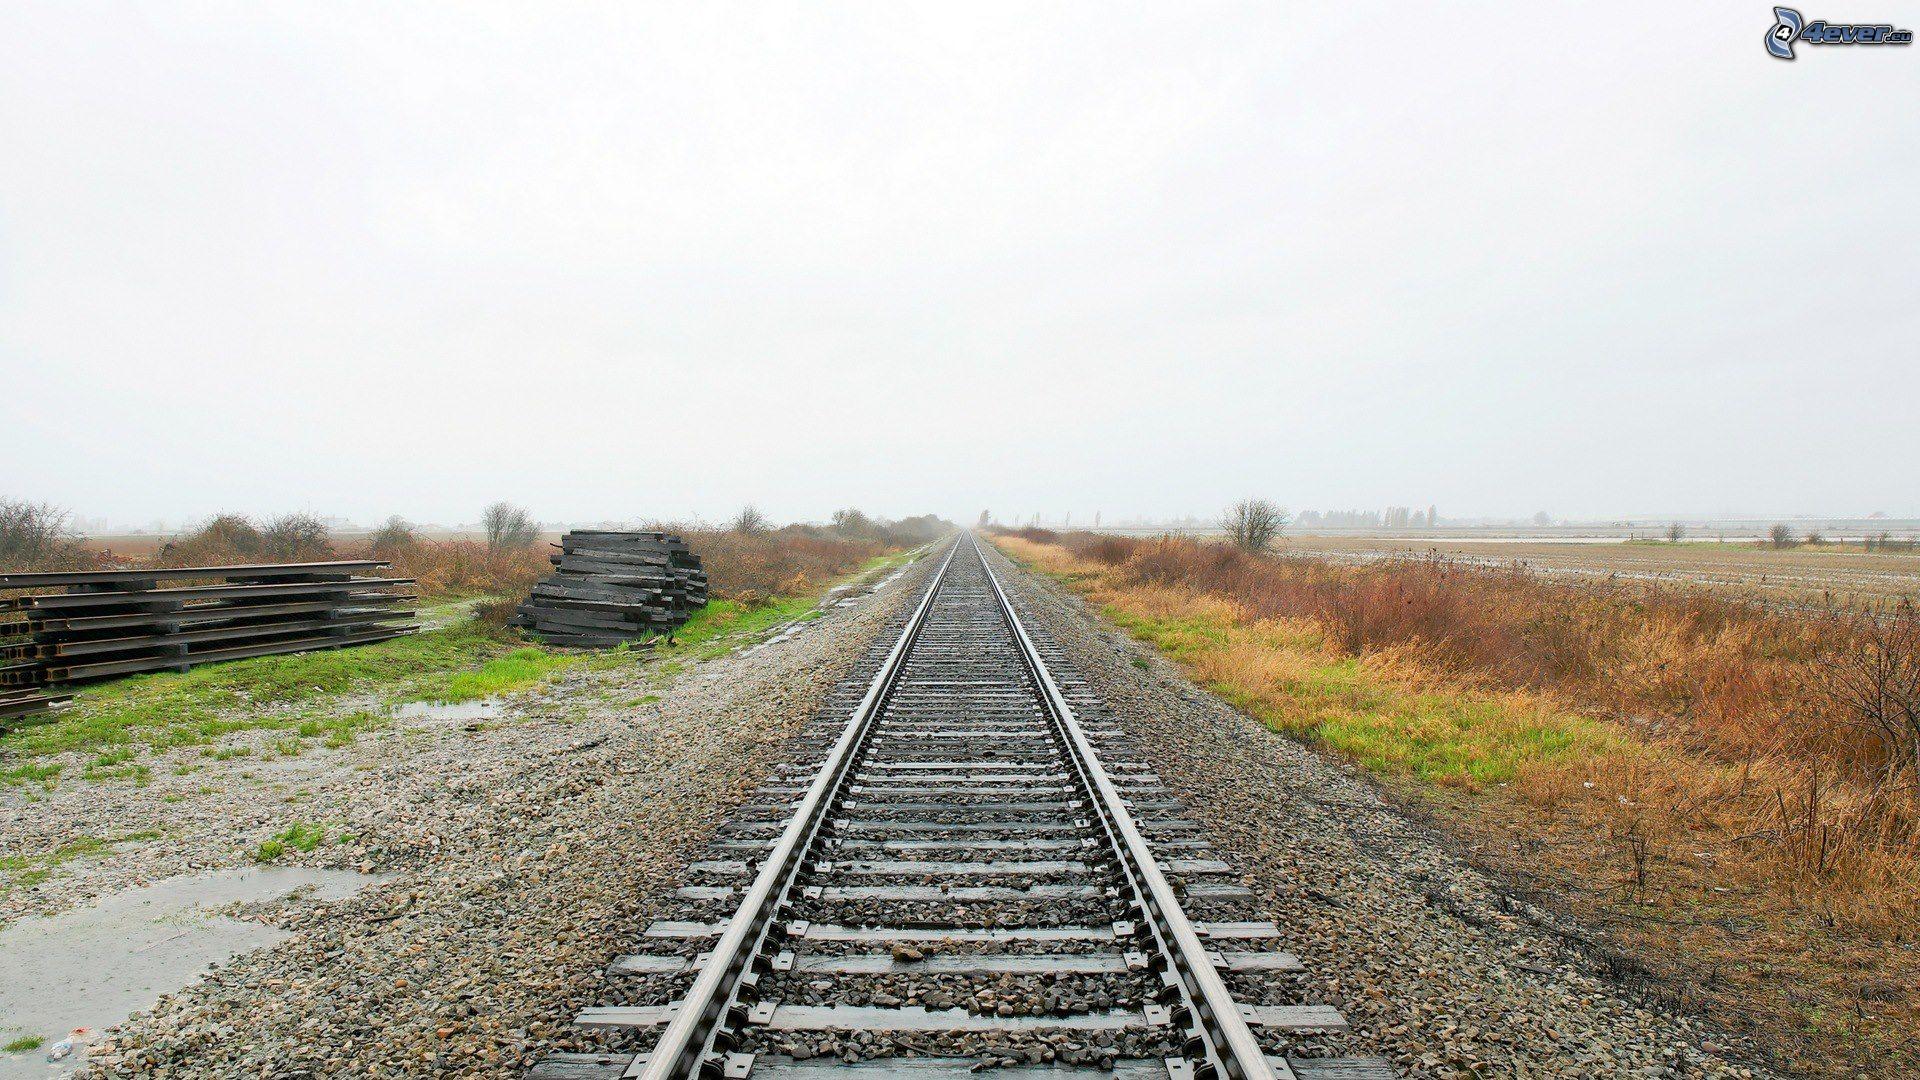 les-rails-de-chemin-de-fer